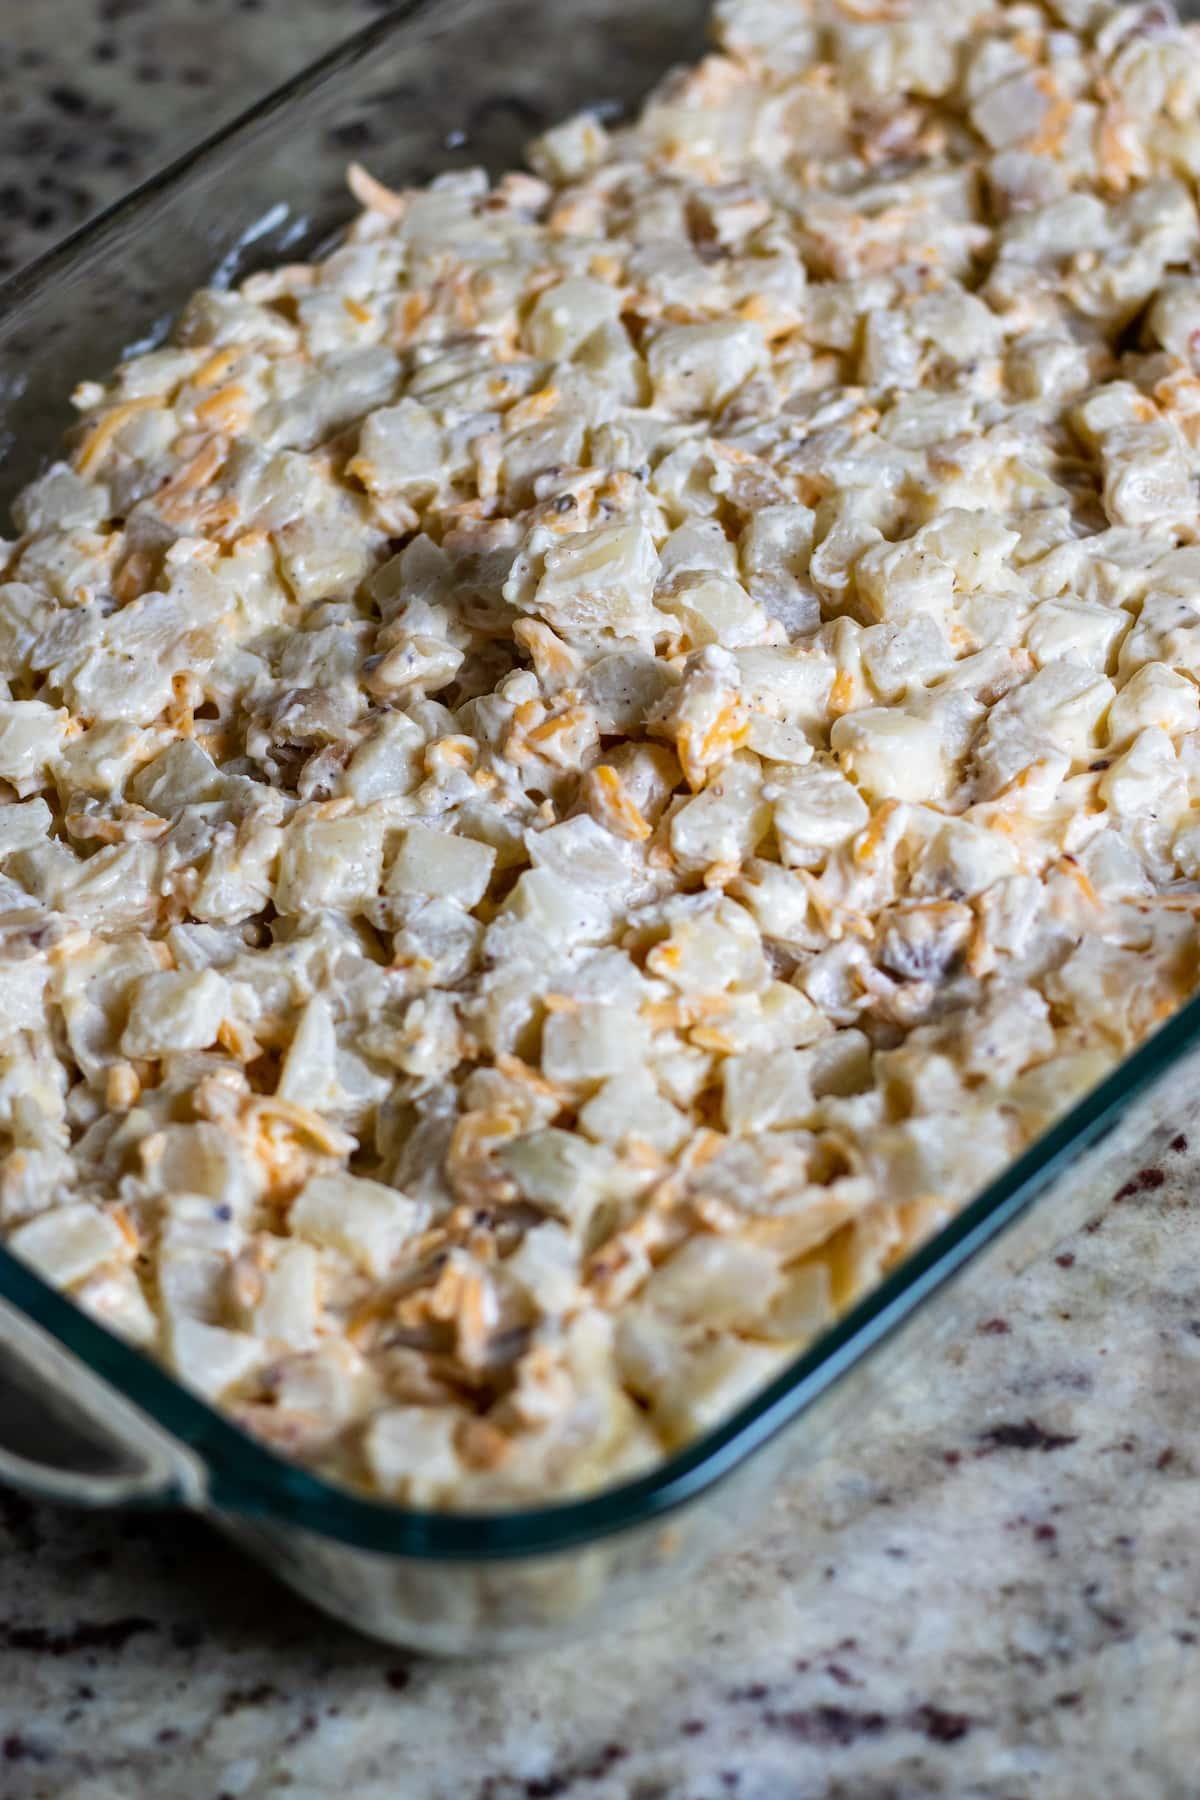 Potato mixture in casserole dish.